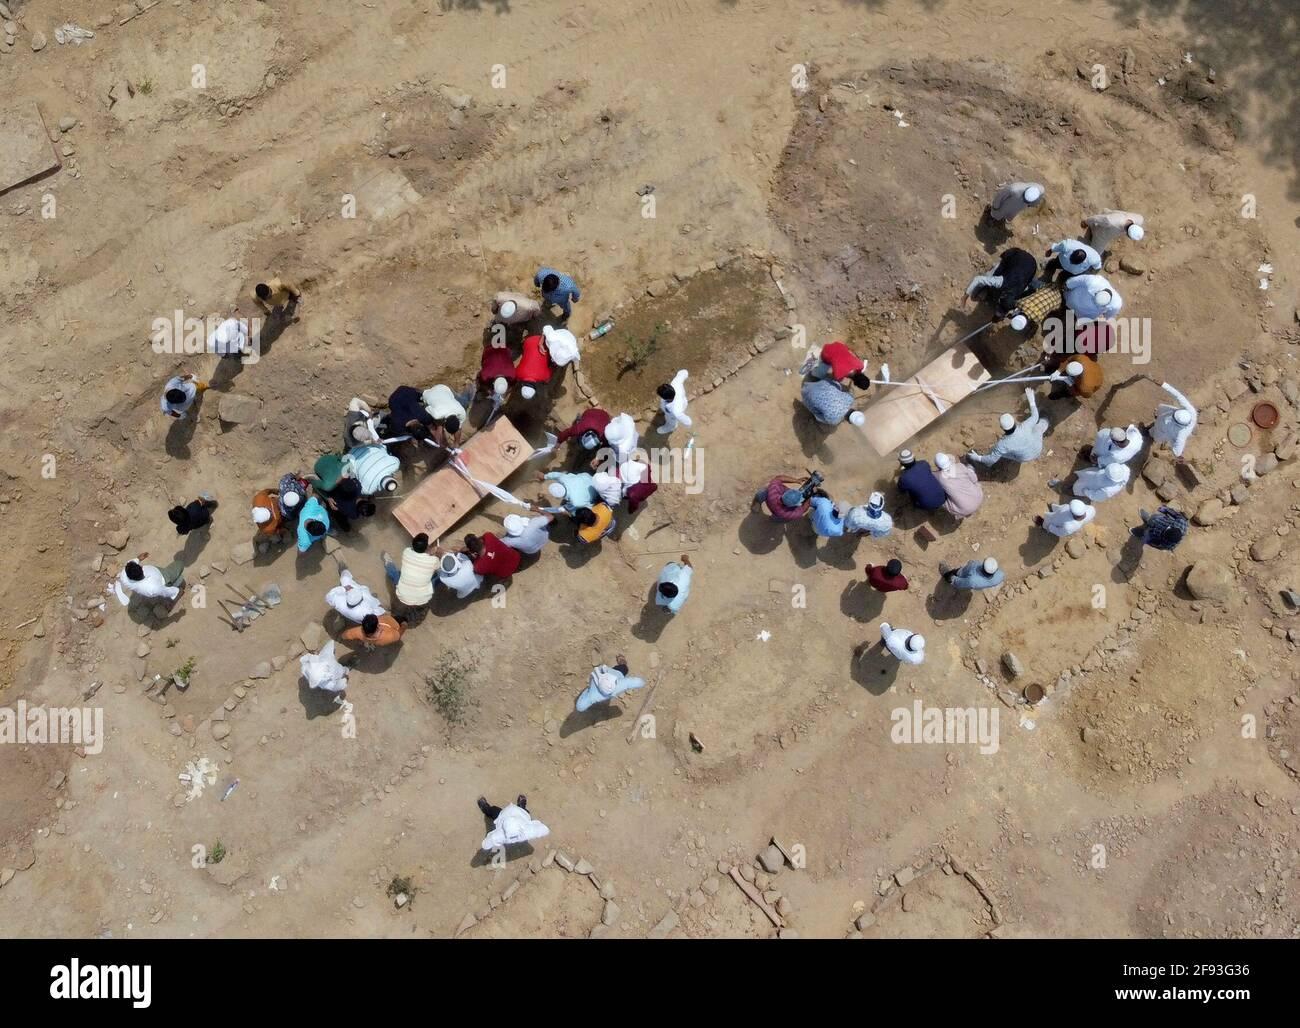 La gente entierra los cuerpos de las víctimas que murieron debido a la enfermedad del coronavirus (COVID-19), en un cementerio en Nueva Delhi, India, el 16 de abril de 2021. Foto tomada con un drone. REUTERS/Siddiqui danés Foto de stock